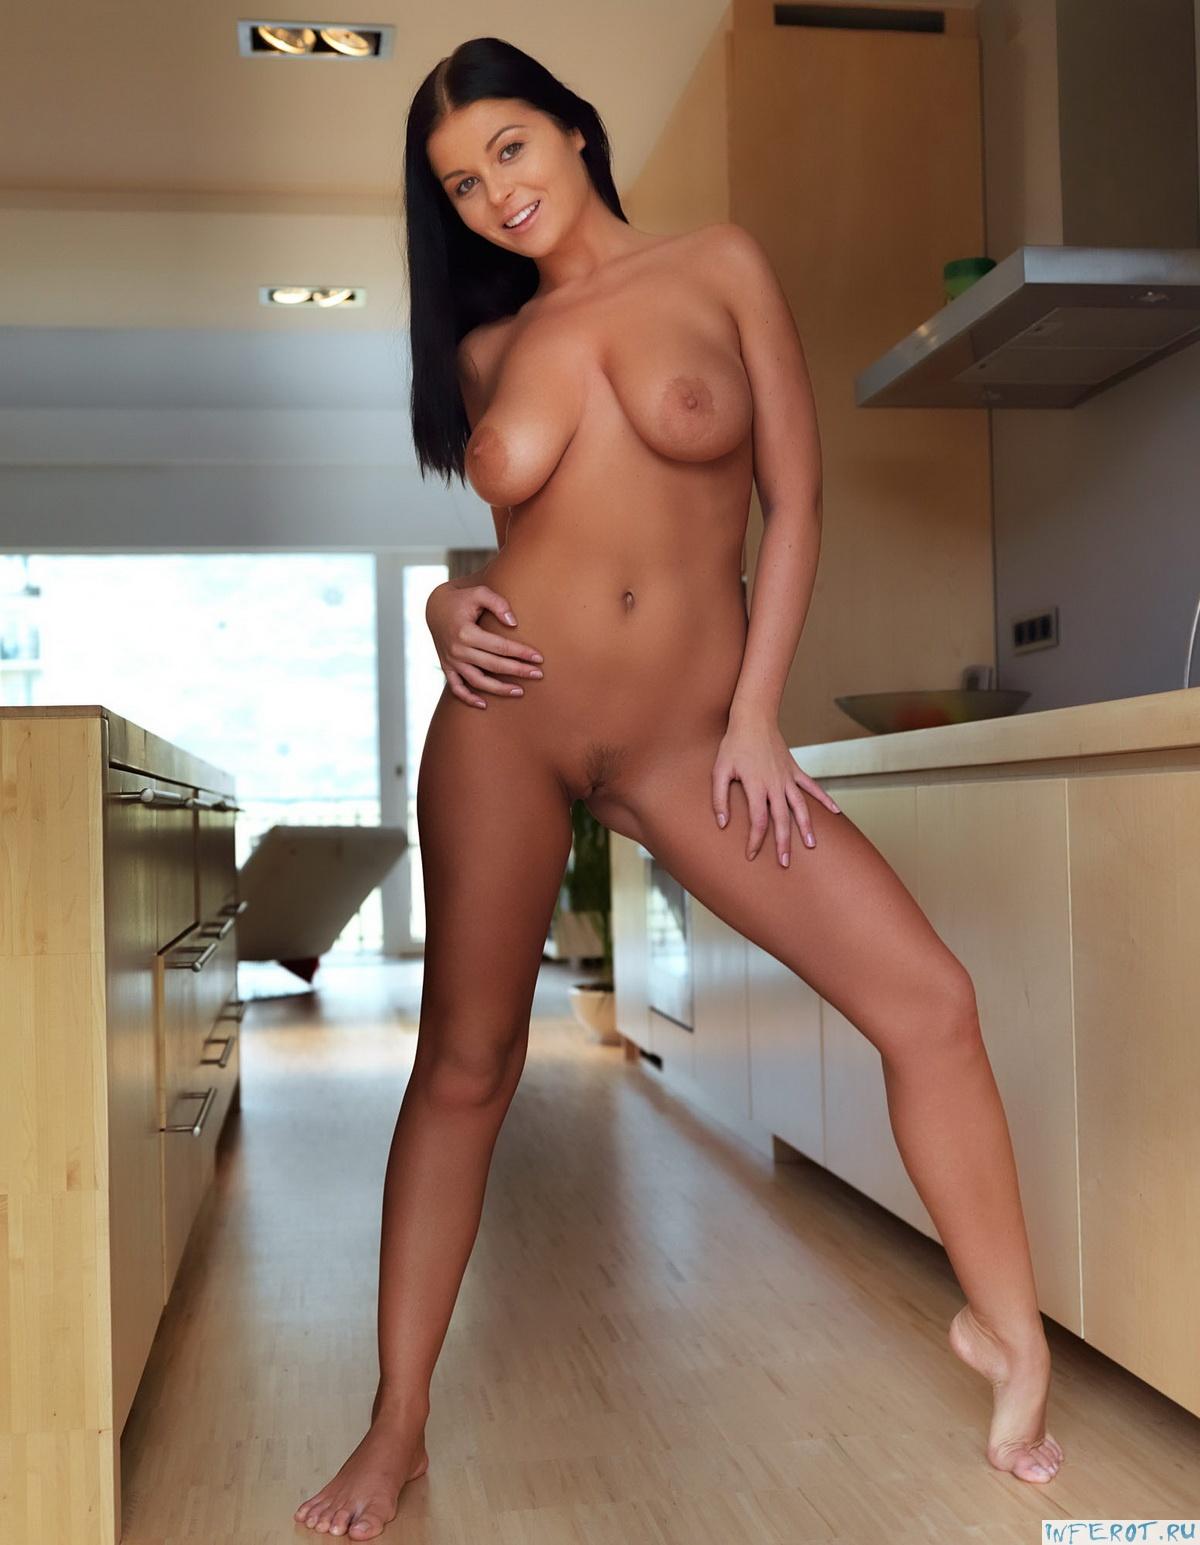 Эротический фотосет на кухне (20 фото)